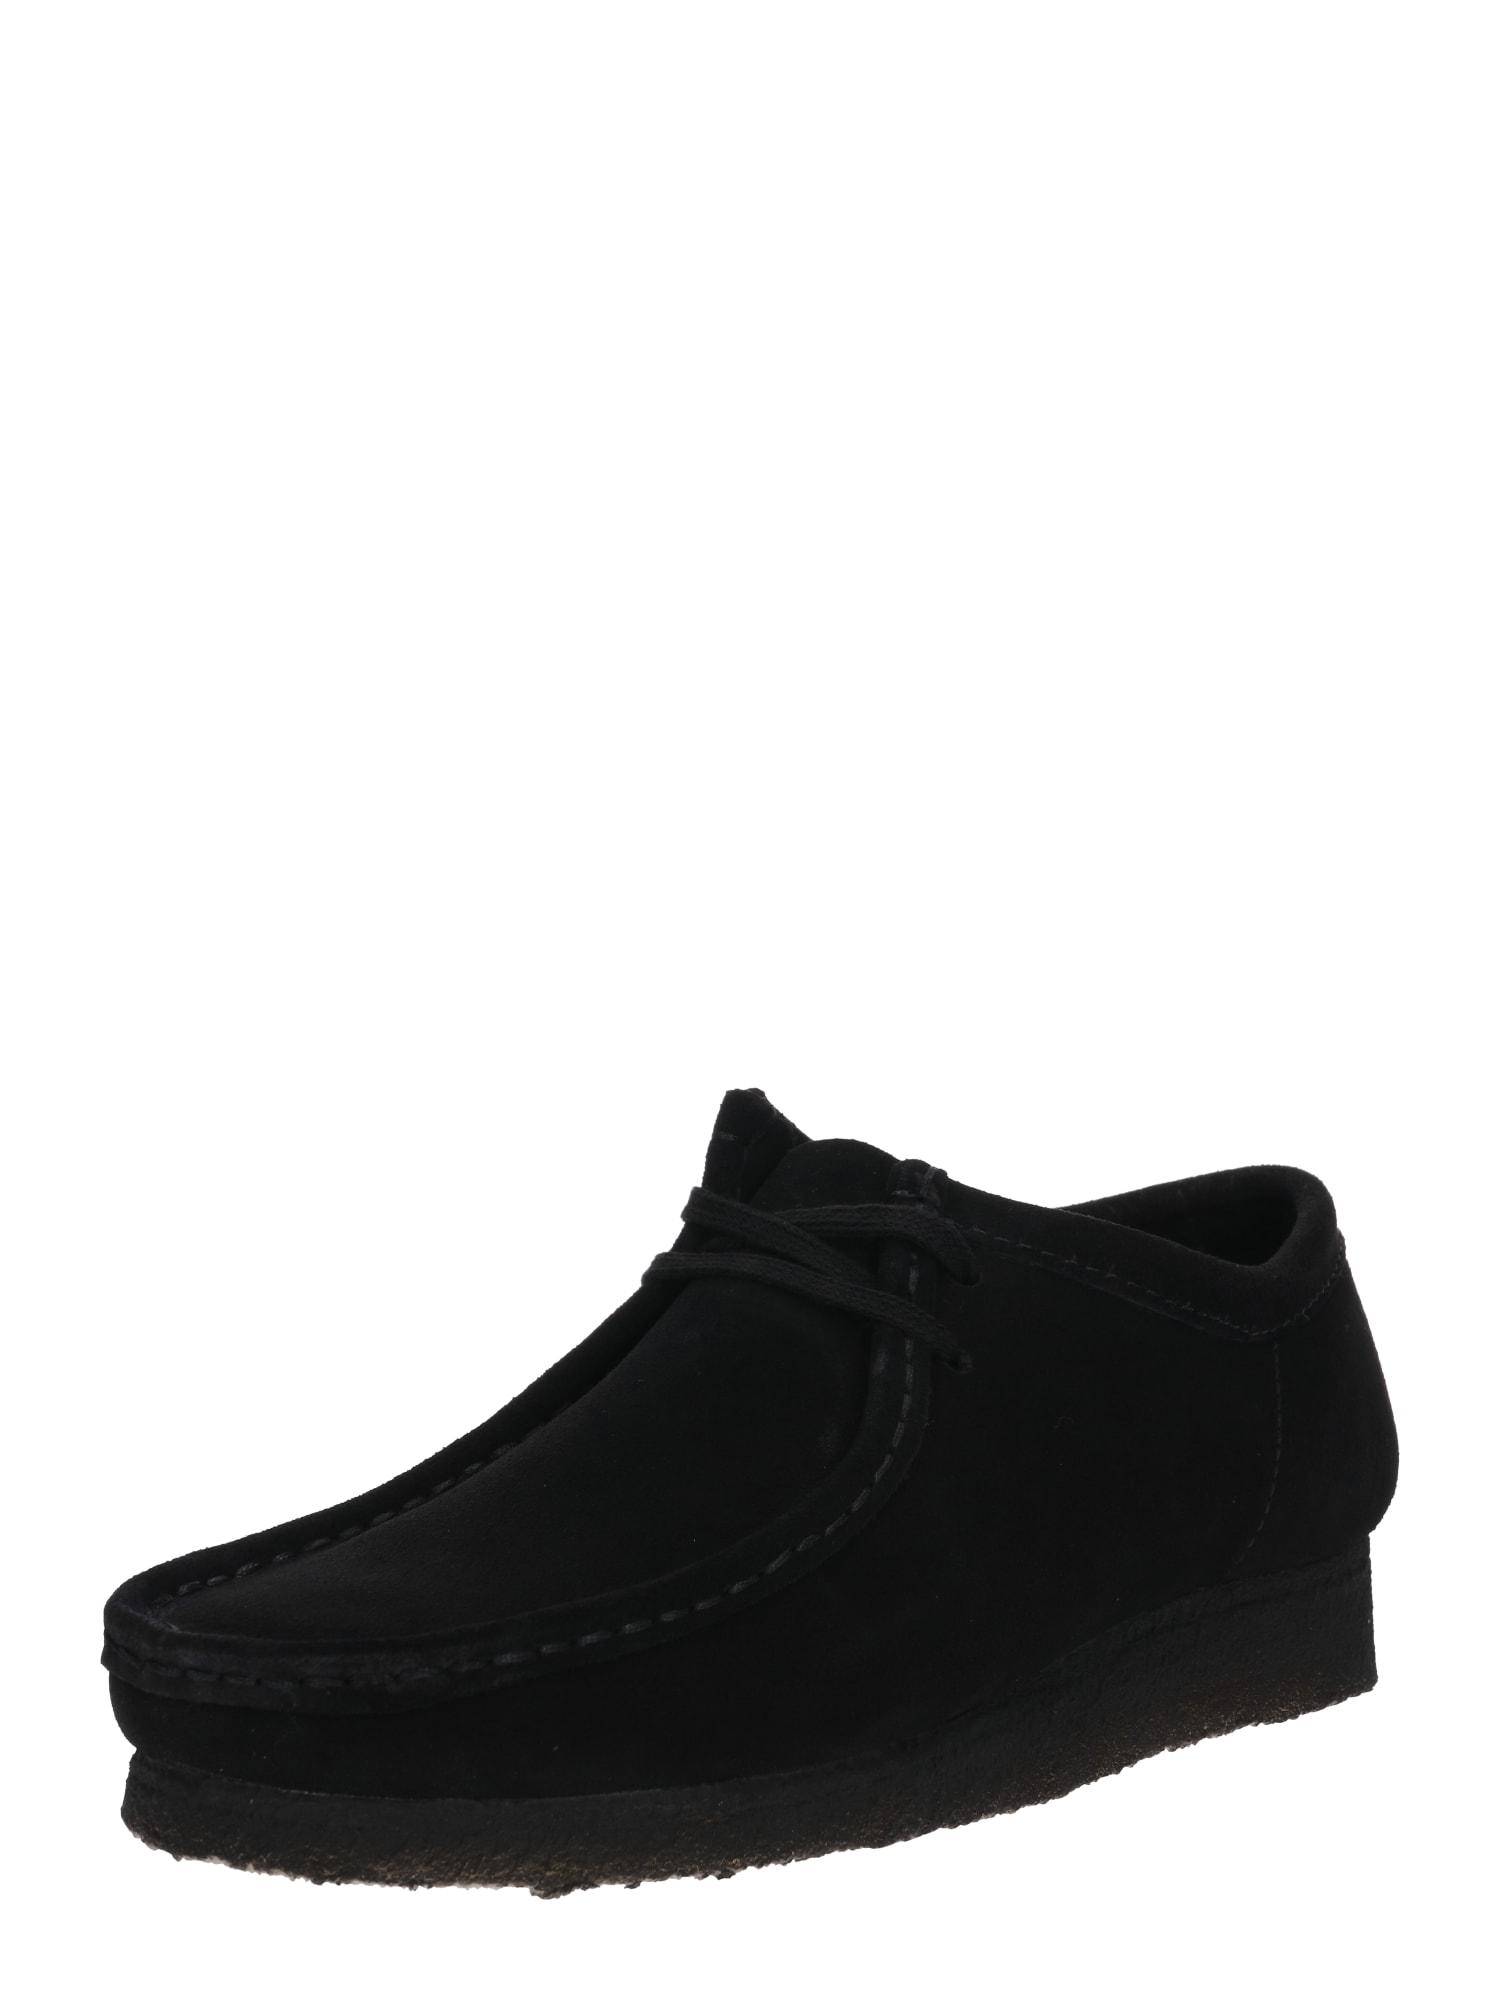 Šněrovací boty Wallabee černá Clarks Originals